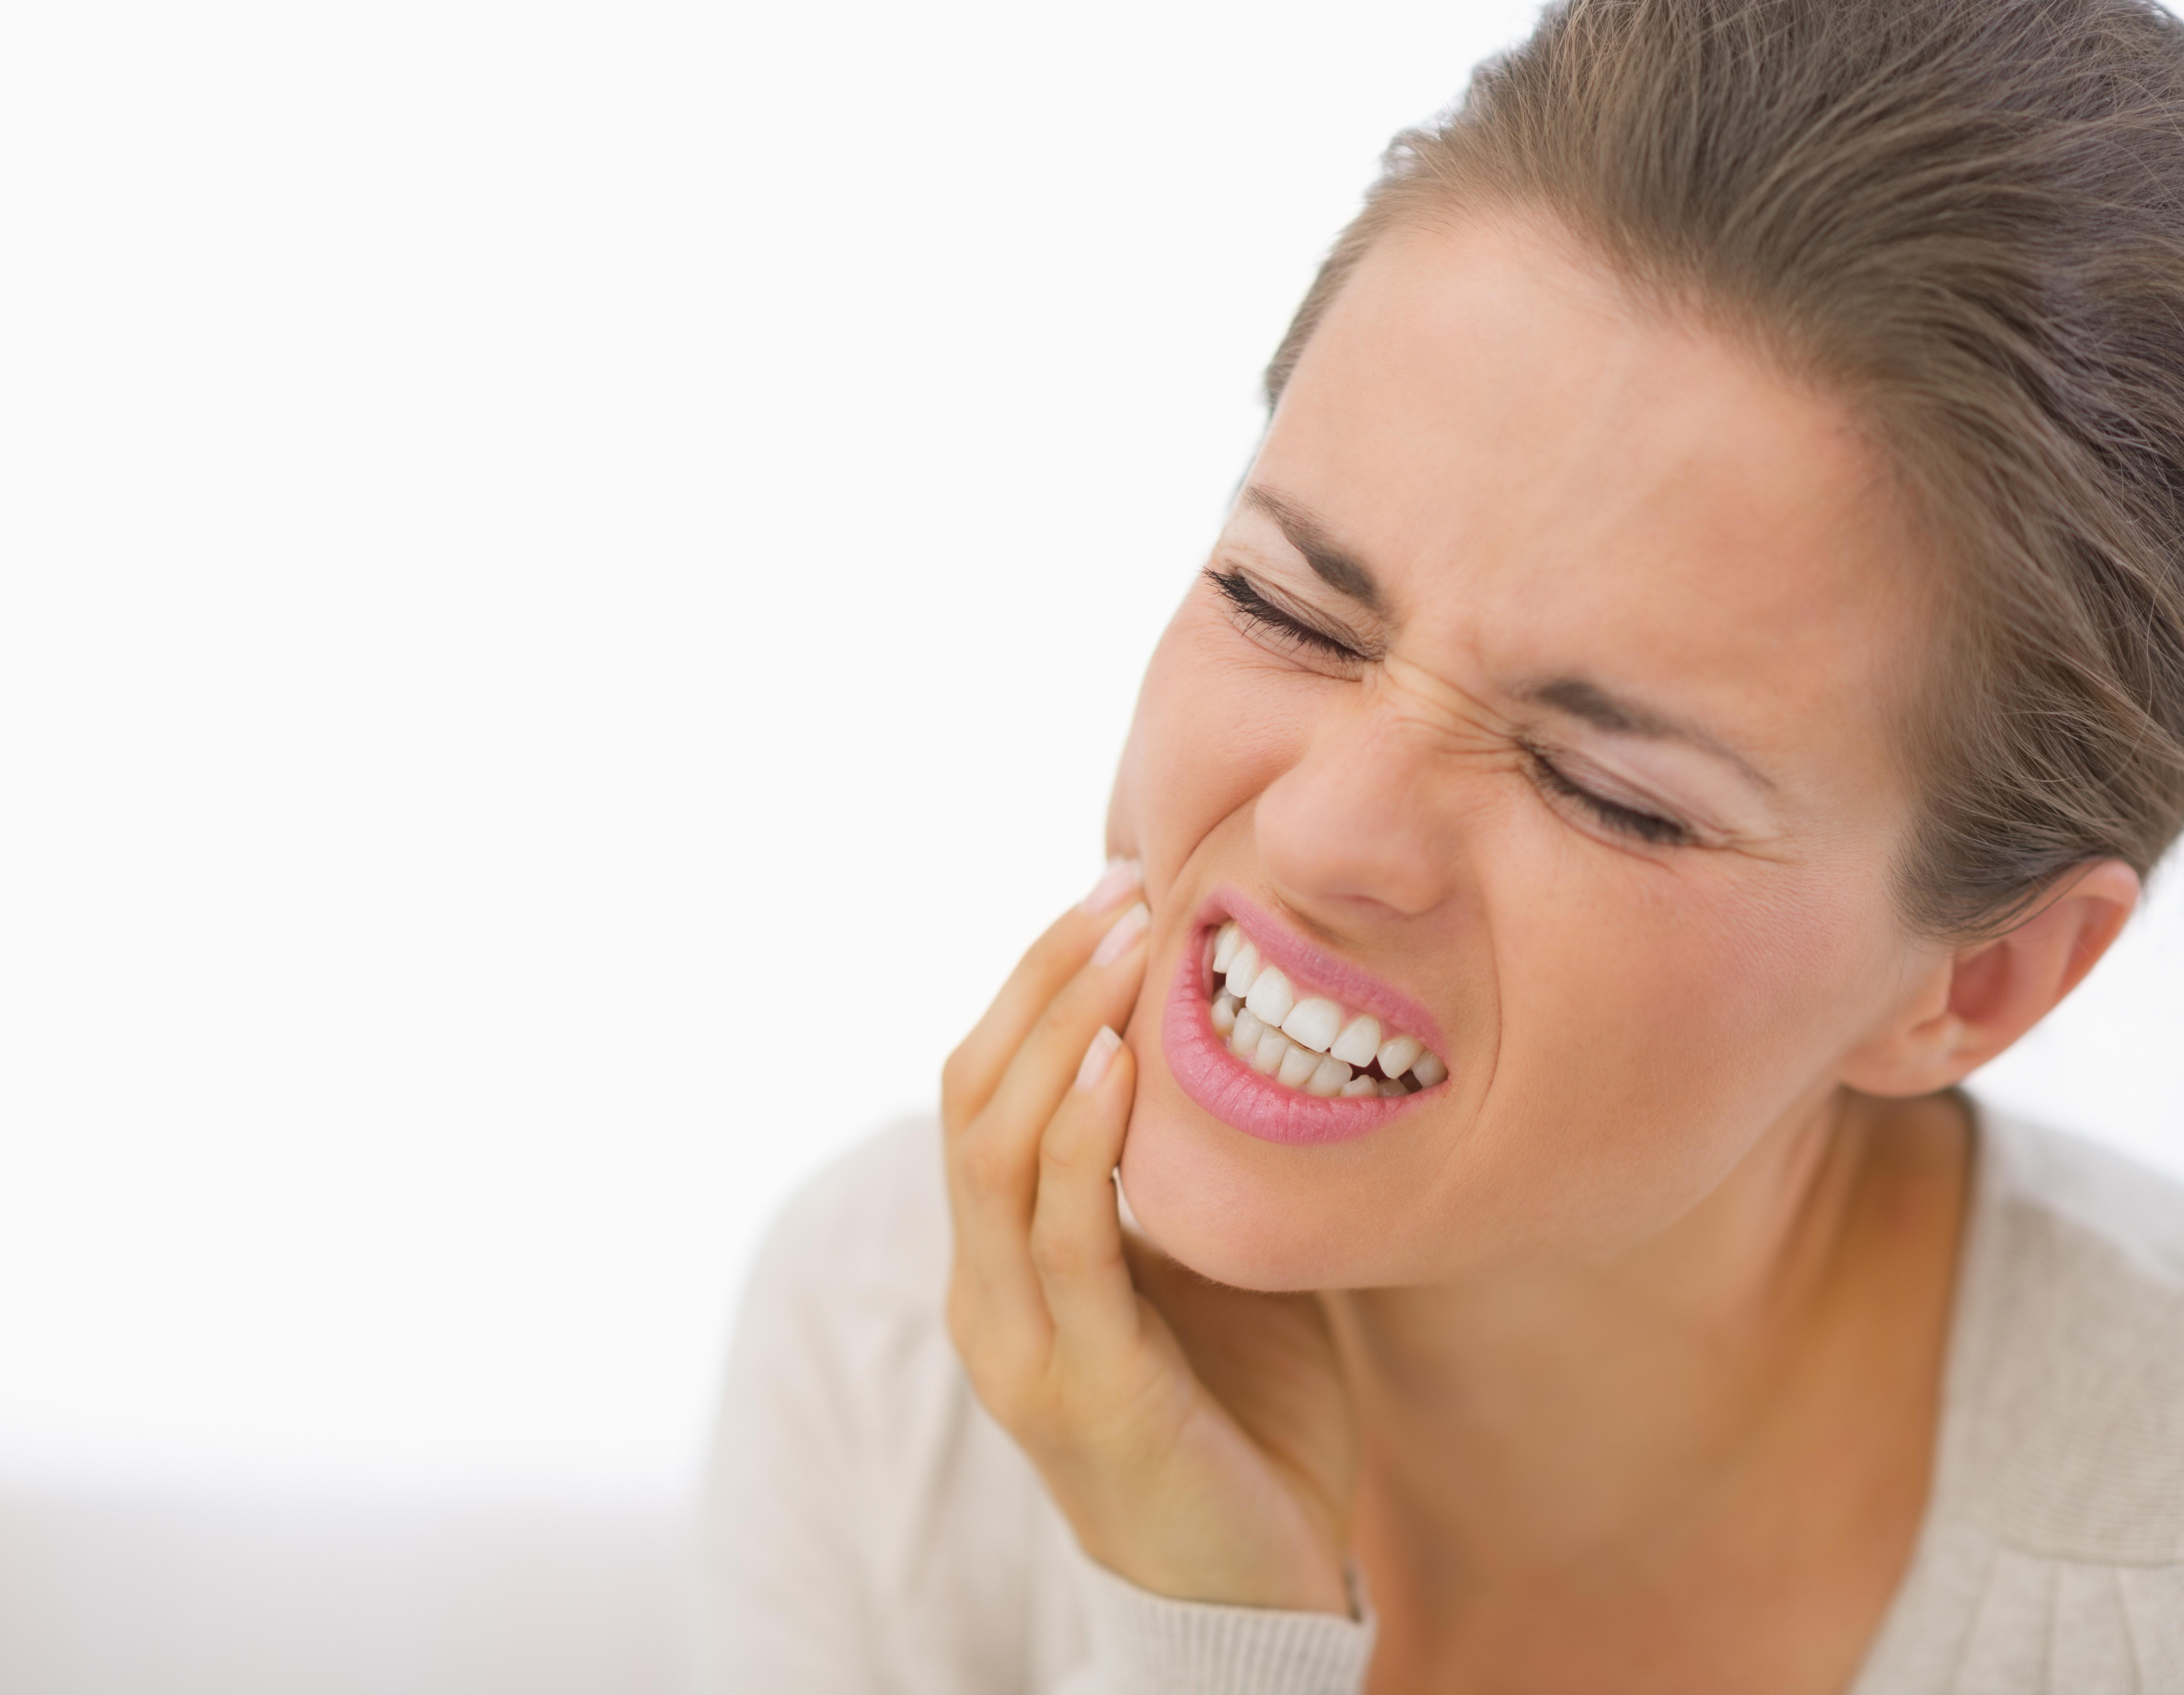 Diş Apsesi Nasıl Geçer: Diş Apsesine Bitkisel Çözümler